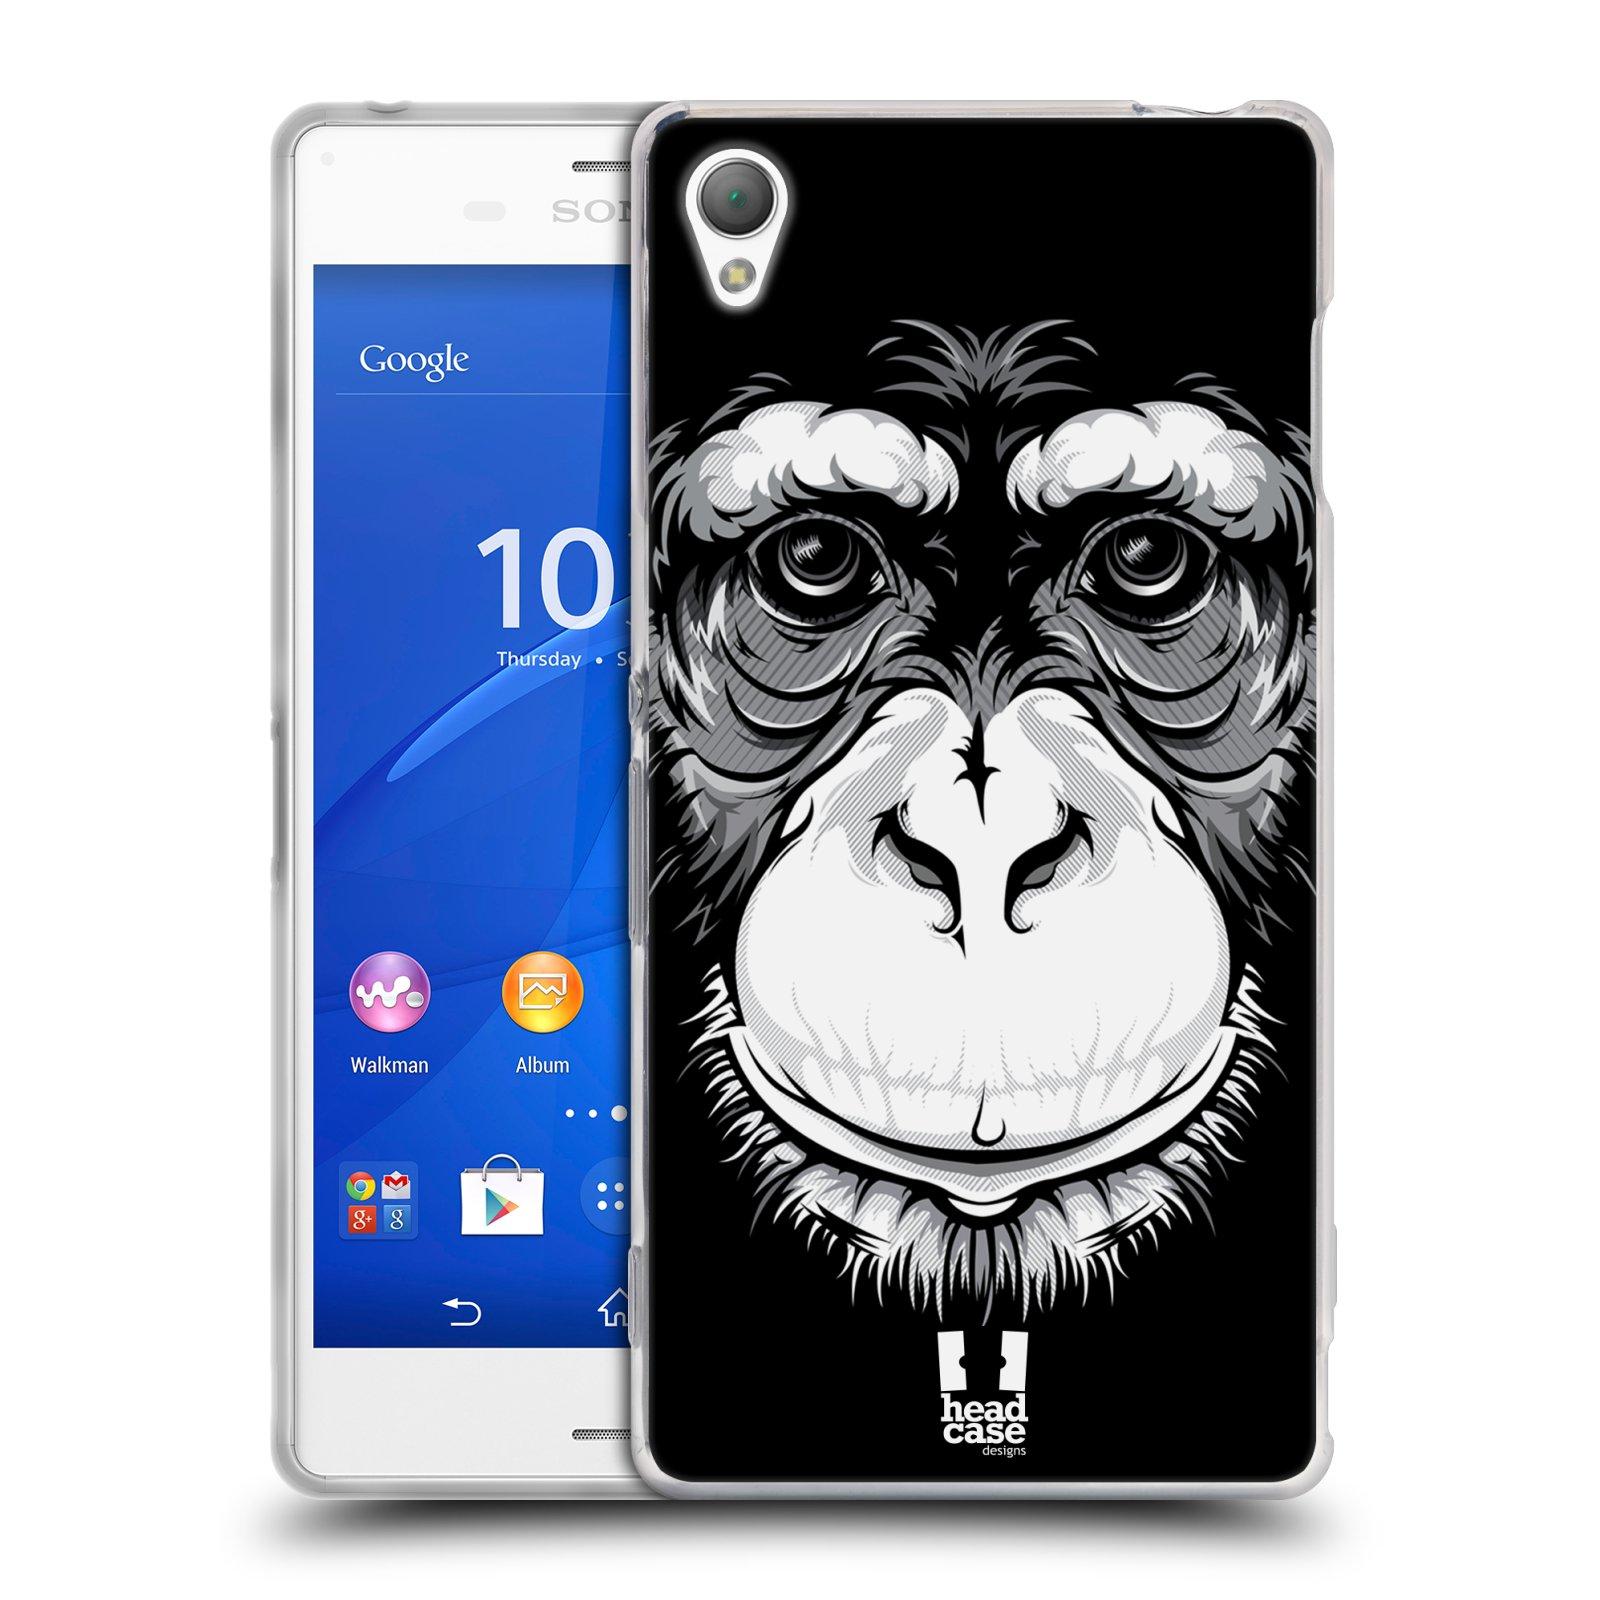 HEAD CASE silikonový obal na mobil Sony Xperia Z3 vzor Zvíře kreslená tvář šimpanz